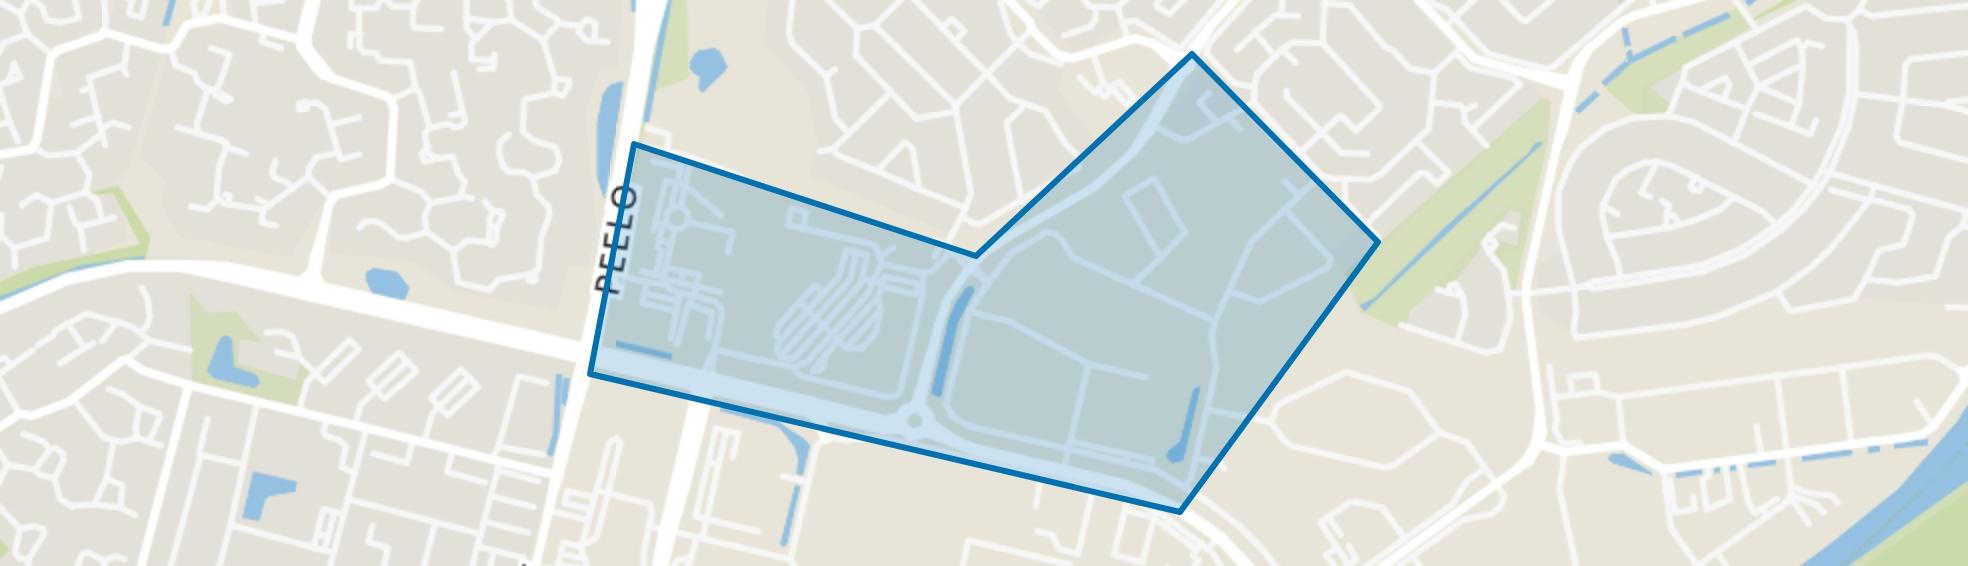 Bedrijventerrein Marsdijk West, Assen map